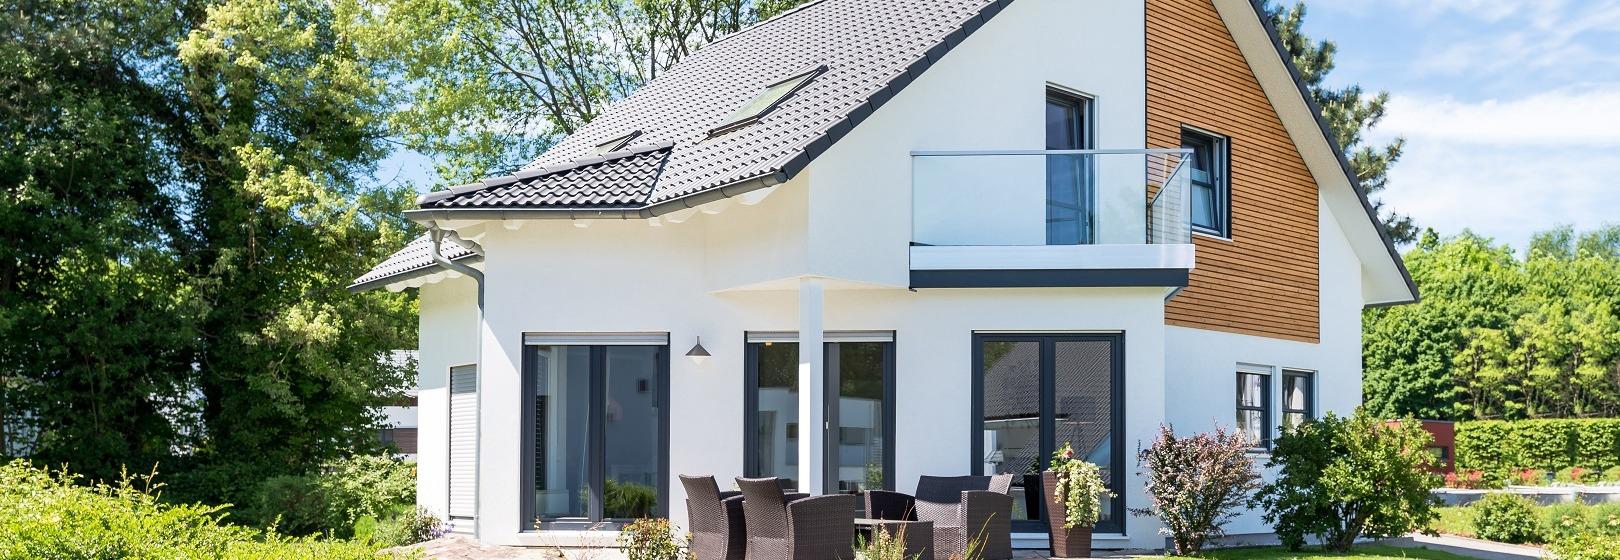 nowy dom z biało-drewnianą elewacją